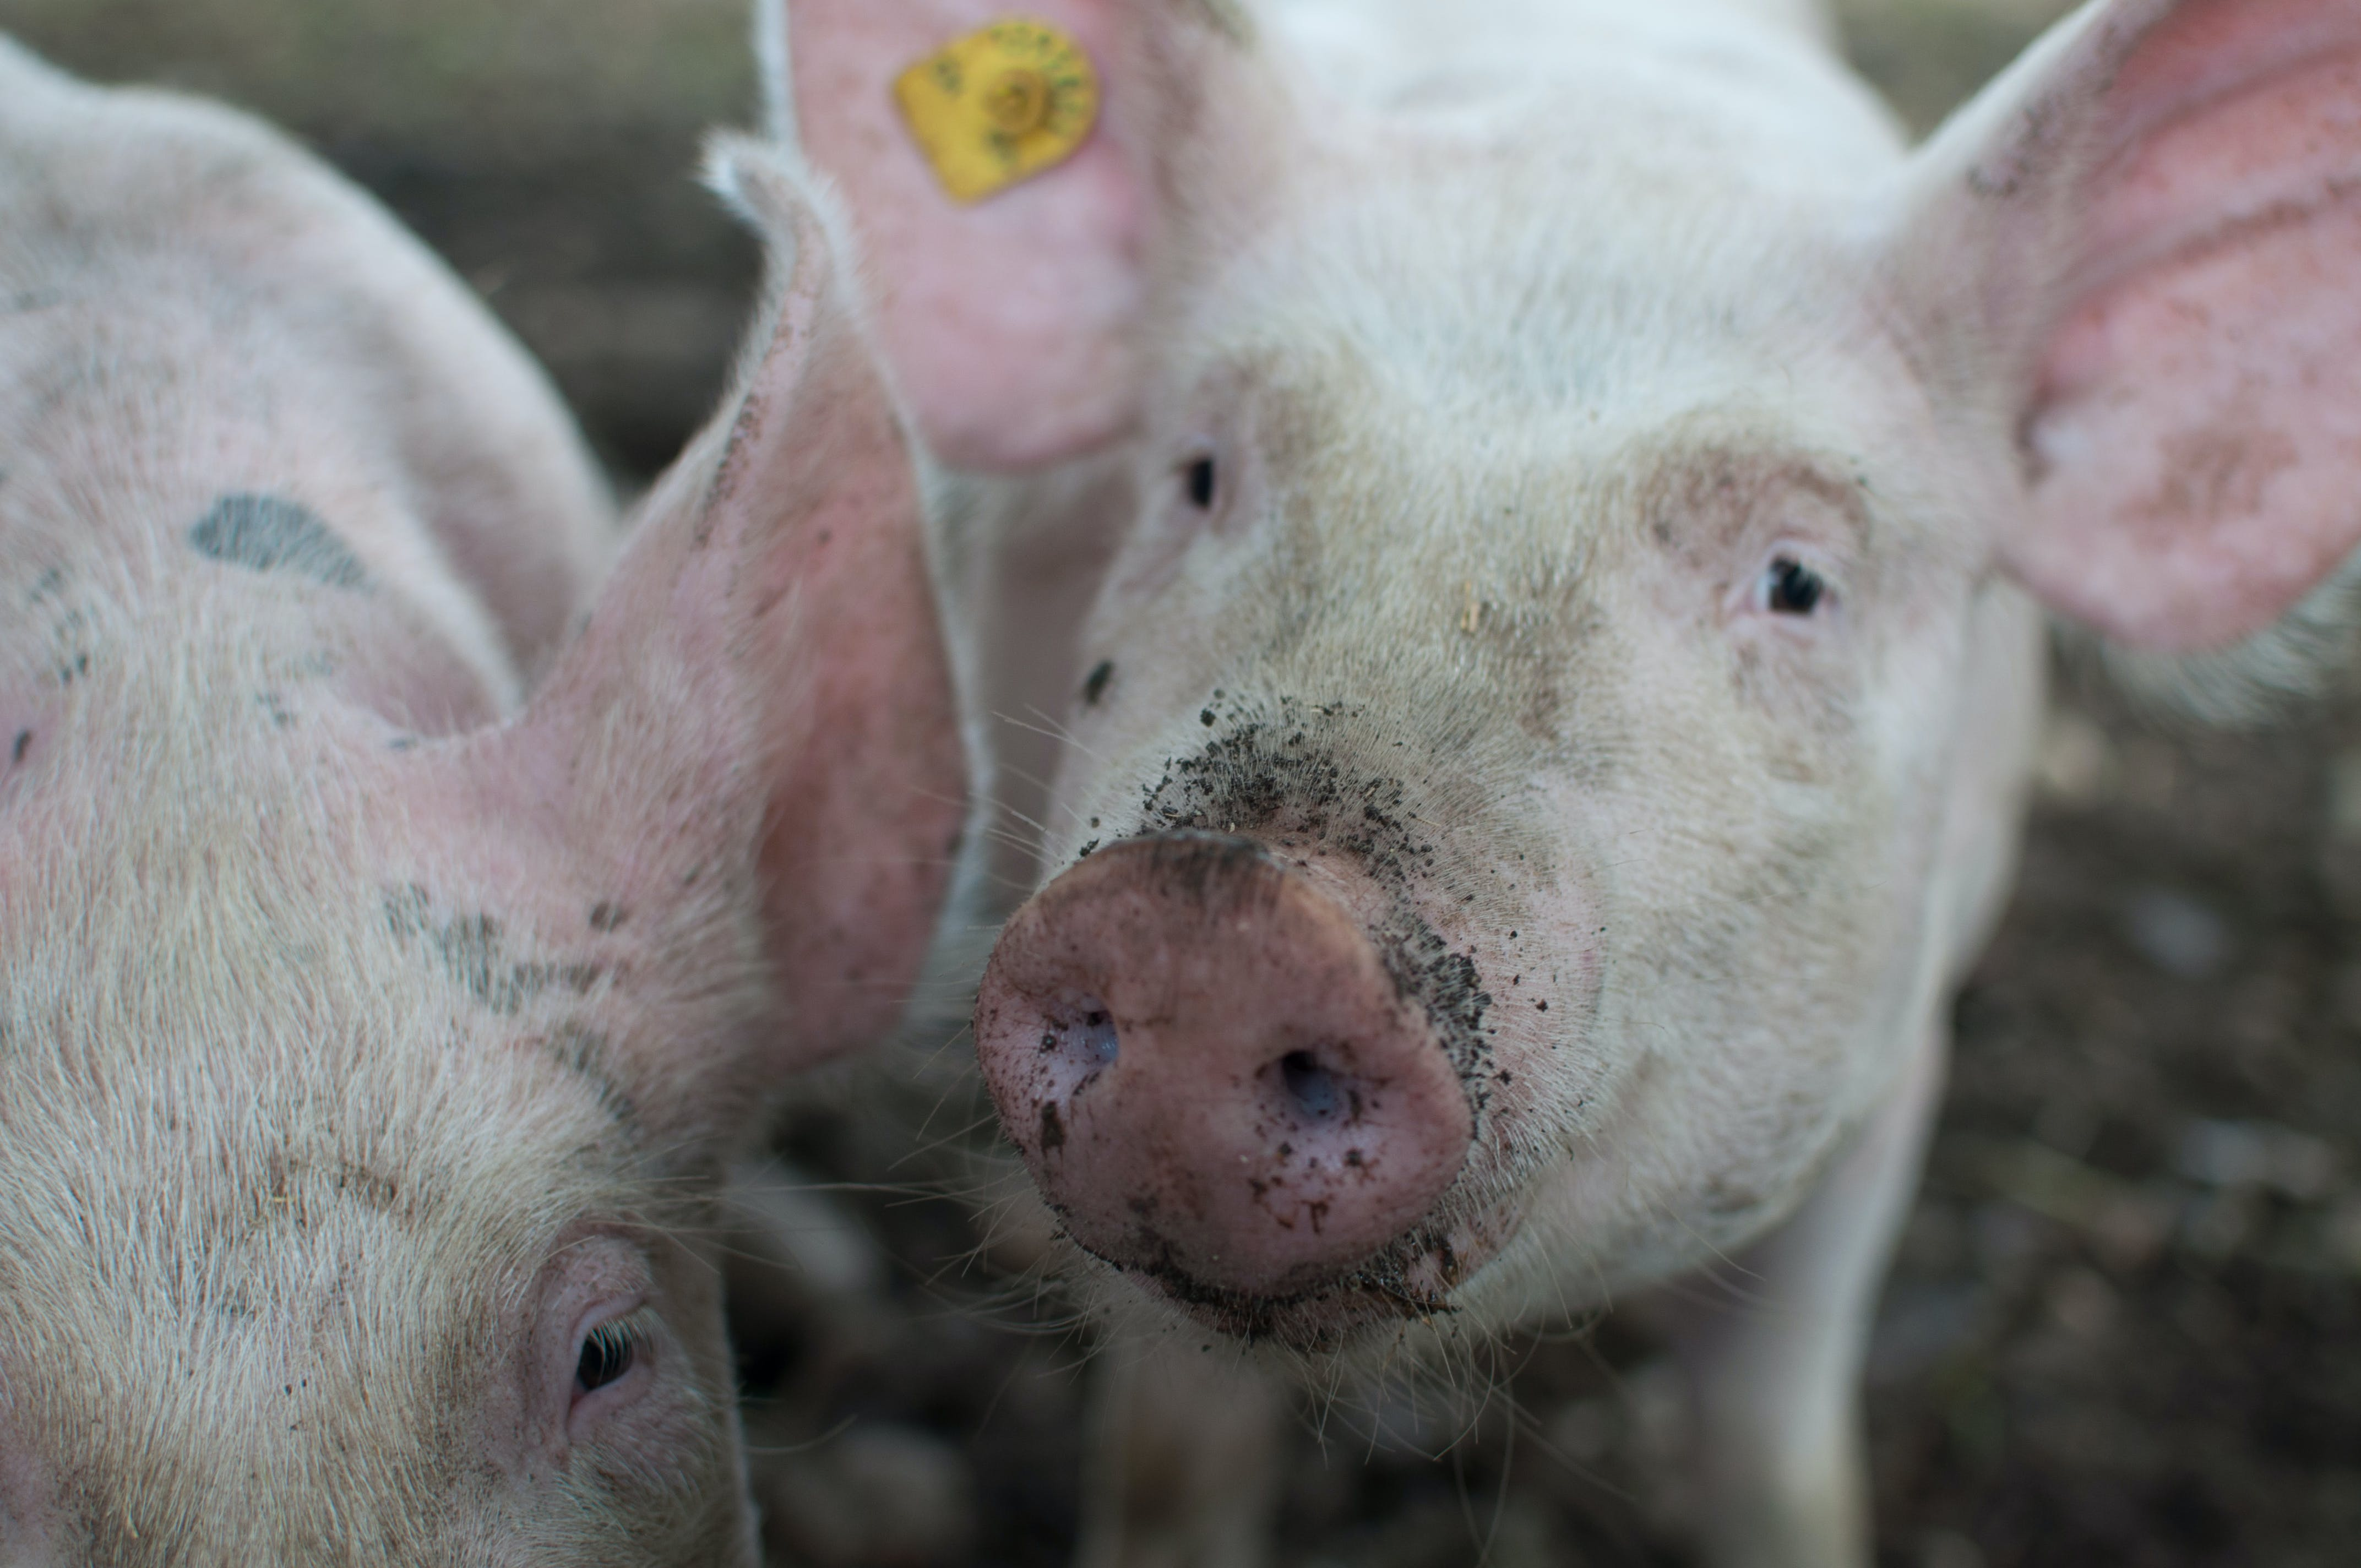 Close Photo of Pig